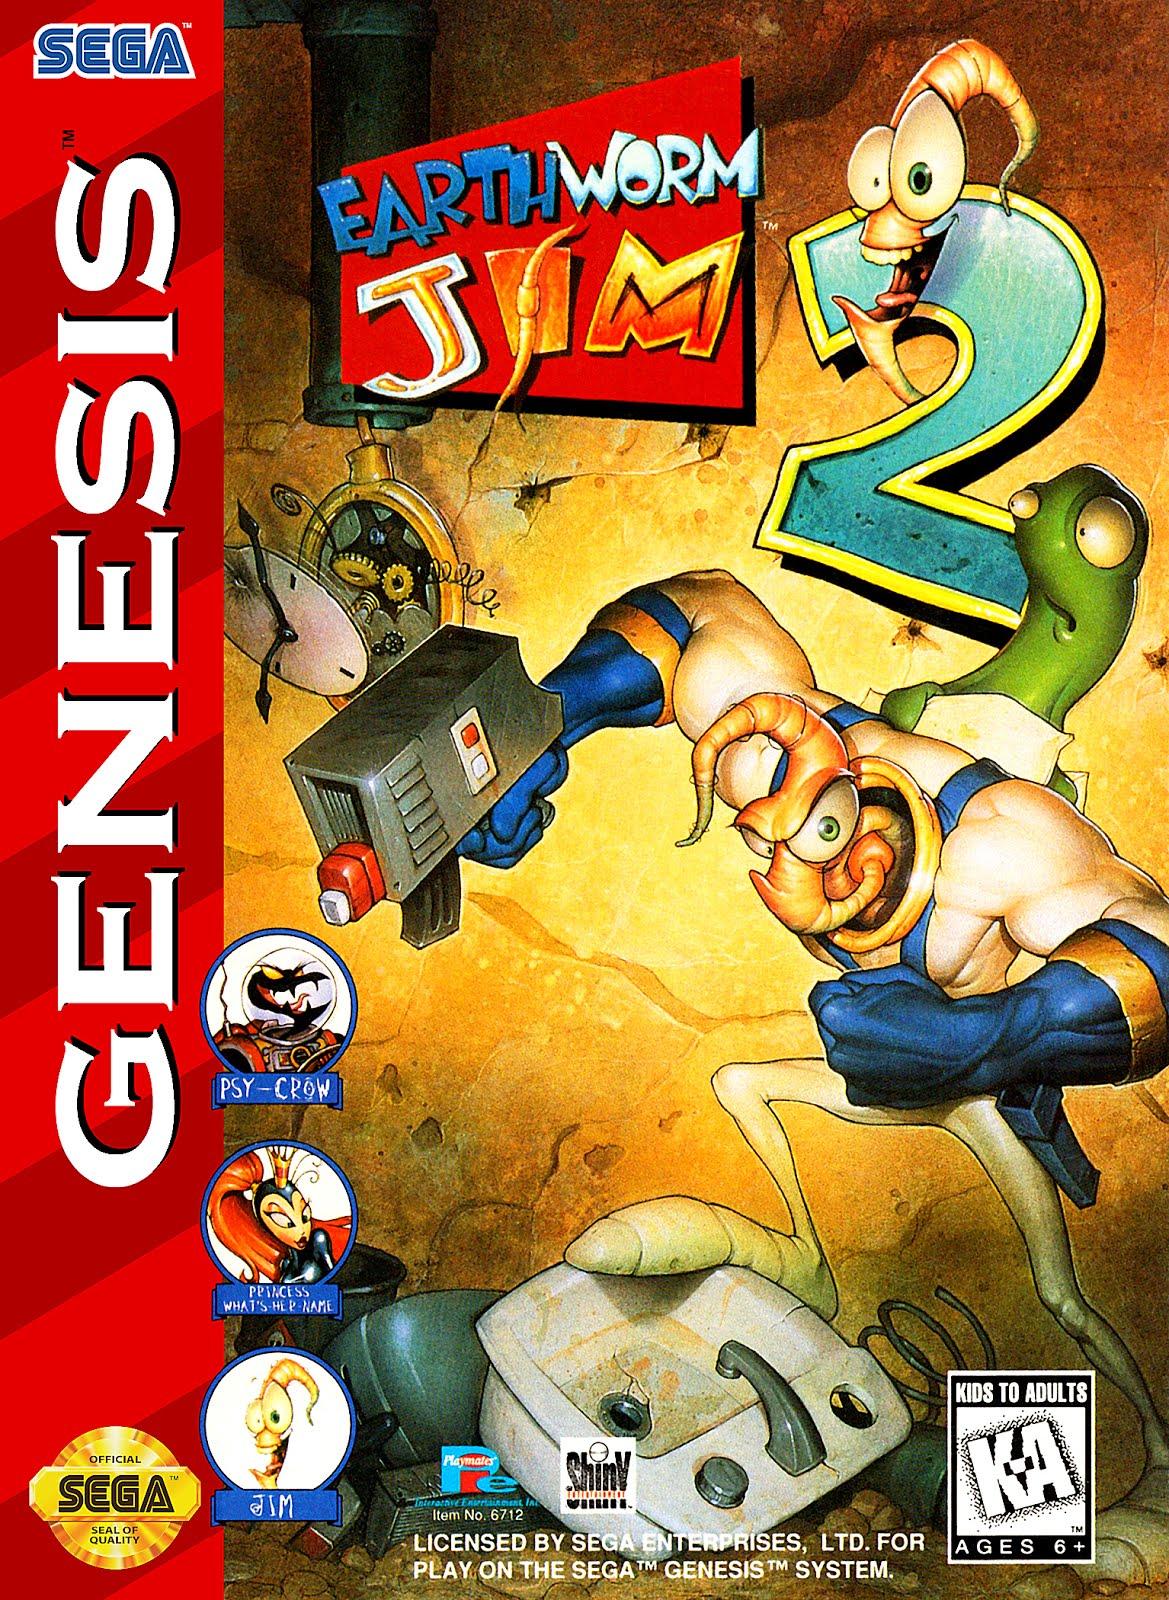 Earthworm Jim 2 - Download Sega Genesis Roms Online For Free